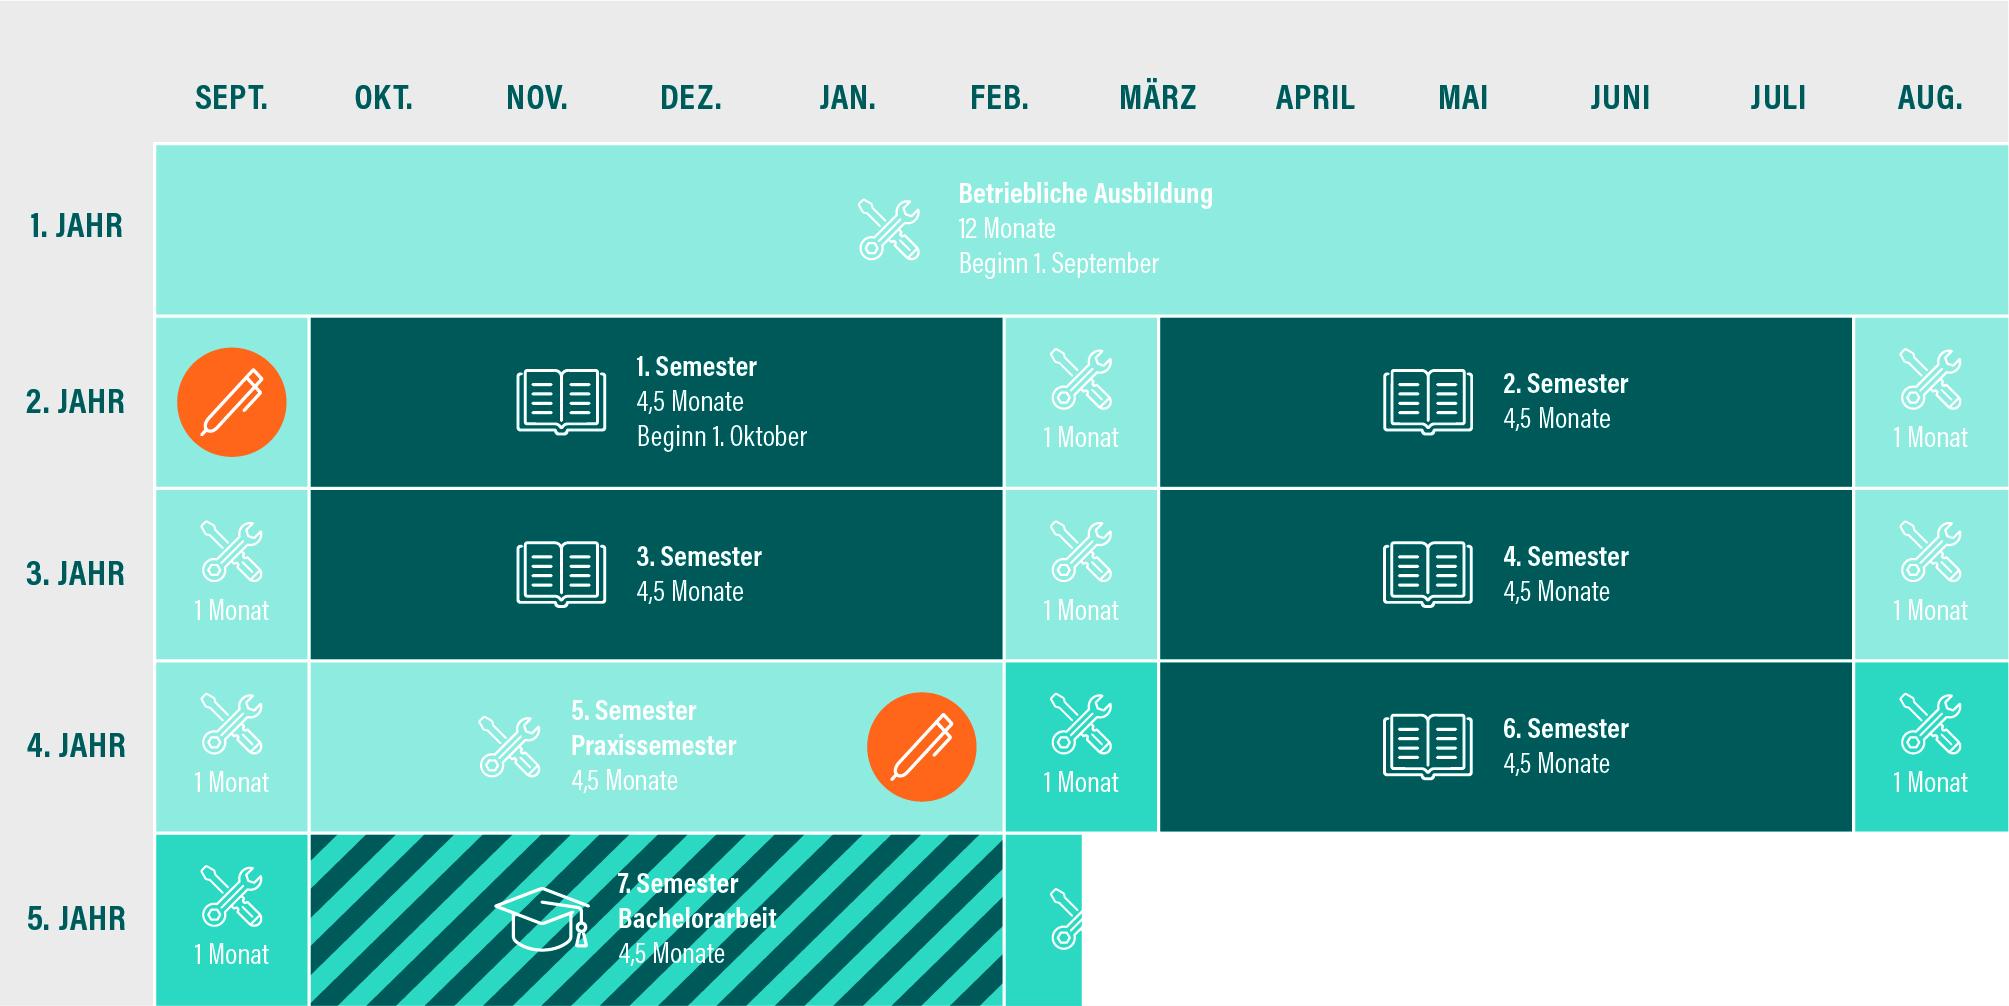 Duales Studienangebot - Ostbayerische Technische Hochschule für Duales Studium Maschinenbau Firmen